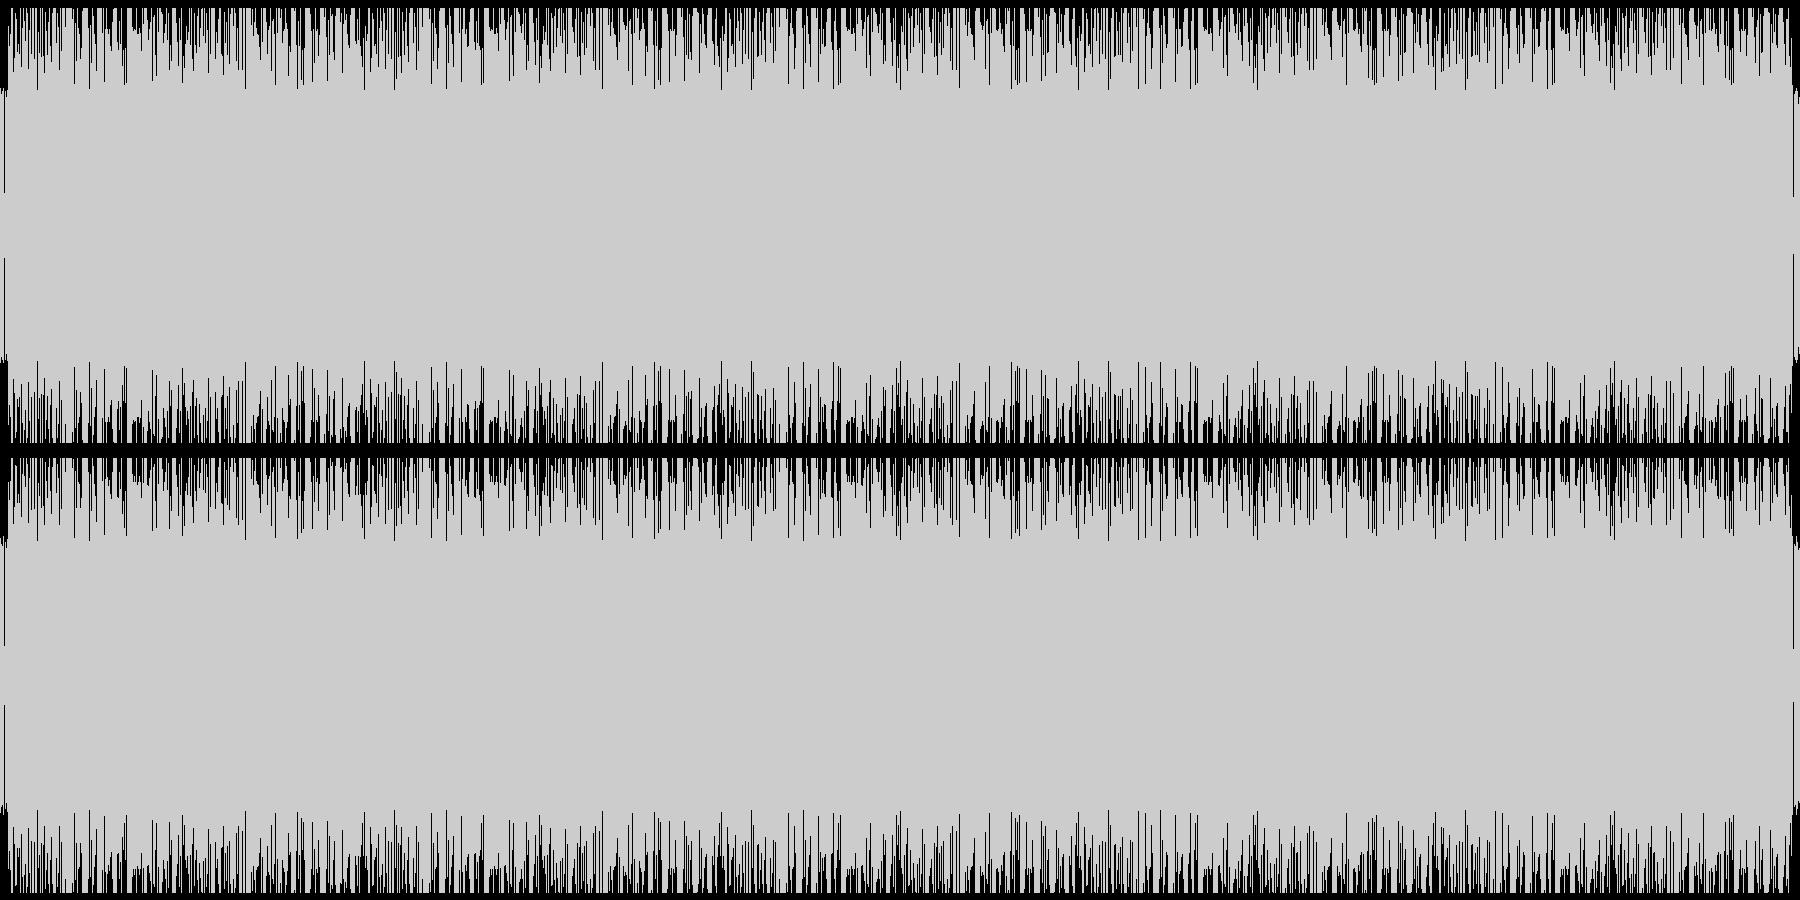 ほのぼのレゲエ風BGM【生演奏ギター】の未再生の波形